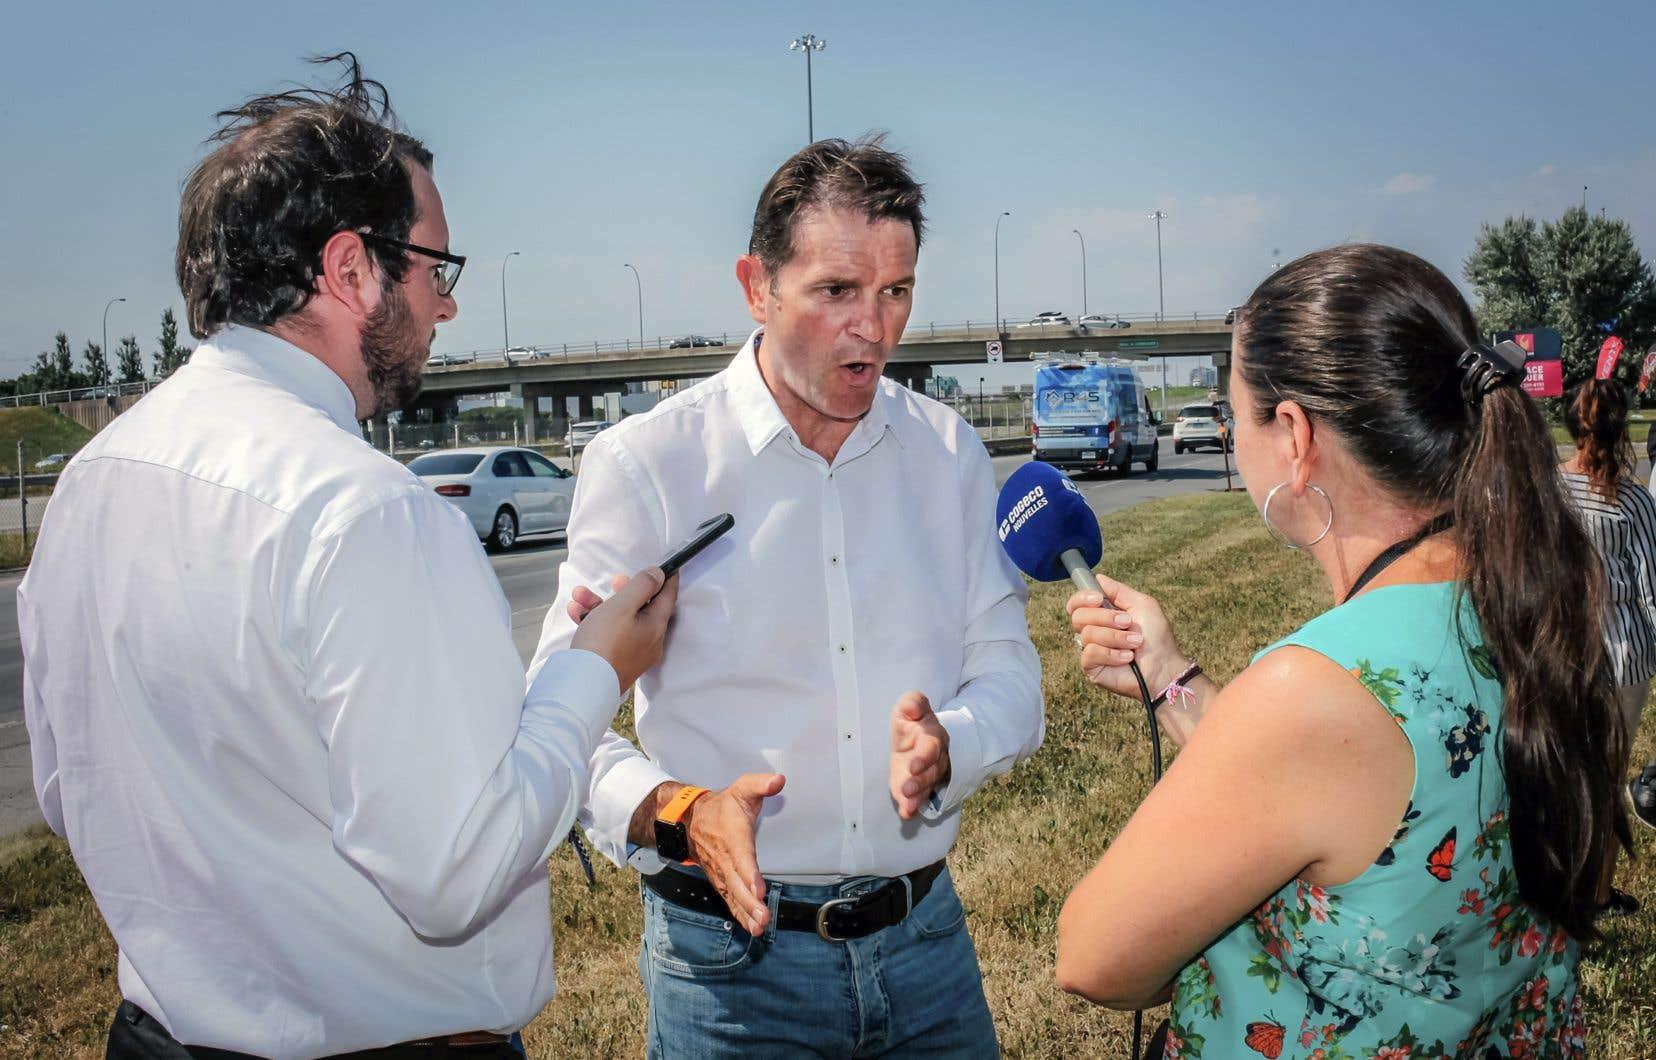 Le ministre des Transports, François Bonnardel, s'était rendu sur les lieux de l'accident au lendemain de la tragédie. Il avait dès lors suggéré de prolonger une ligne continue pour améliorer la sécurité.